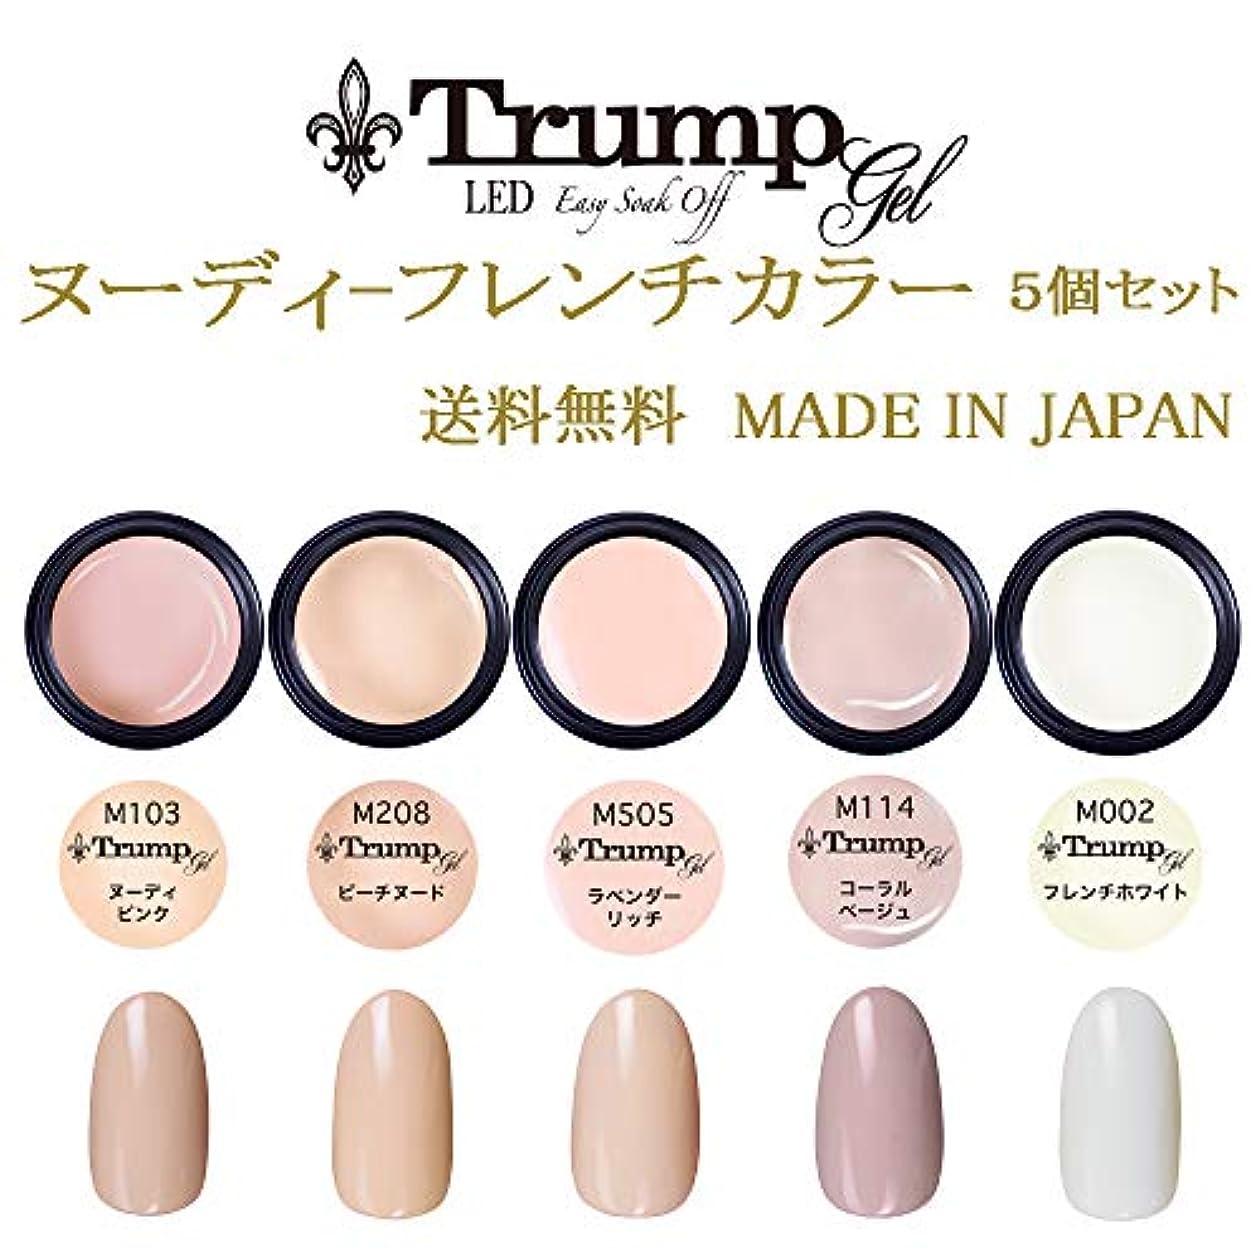 滑りやすい文庫本才能のある【送料無料】日本製 Trump gel トランプジェルヌーディフレンチカラージェル 5個セット 肌馴染みの良い ヌーデイフレンチカラージェルセット